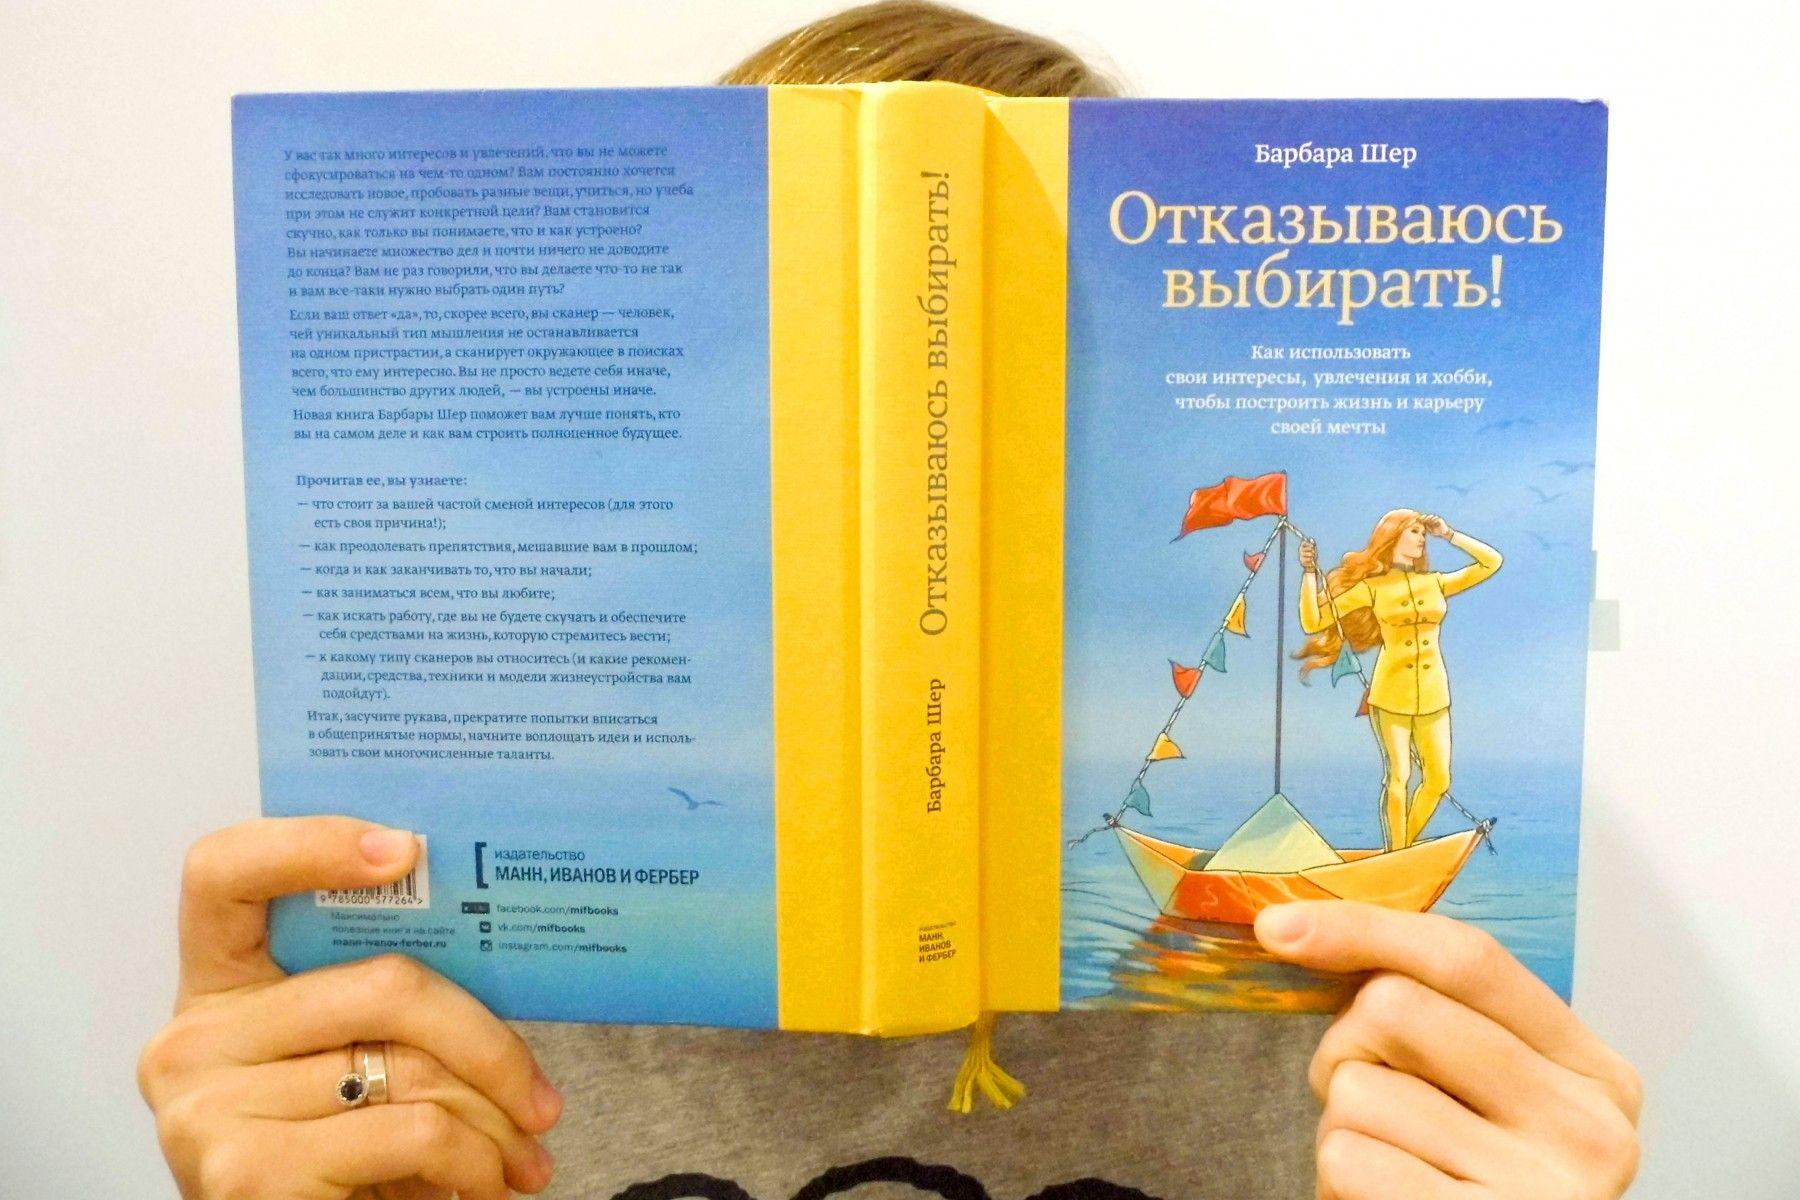 Скачать книгу «отказываюсь выбирать! », барбара шер | litery. Me.